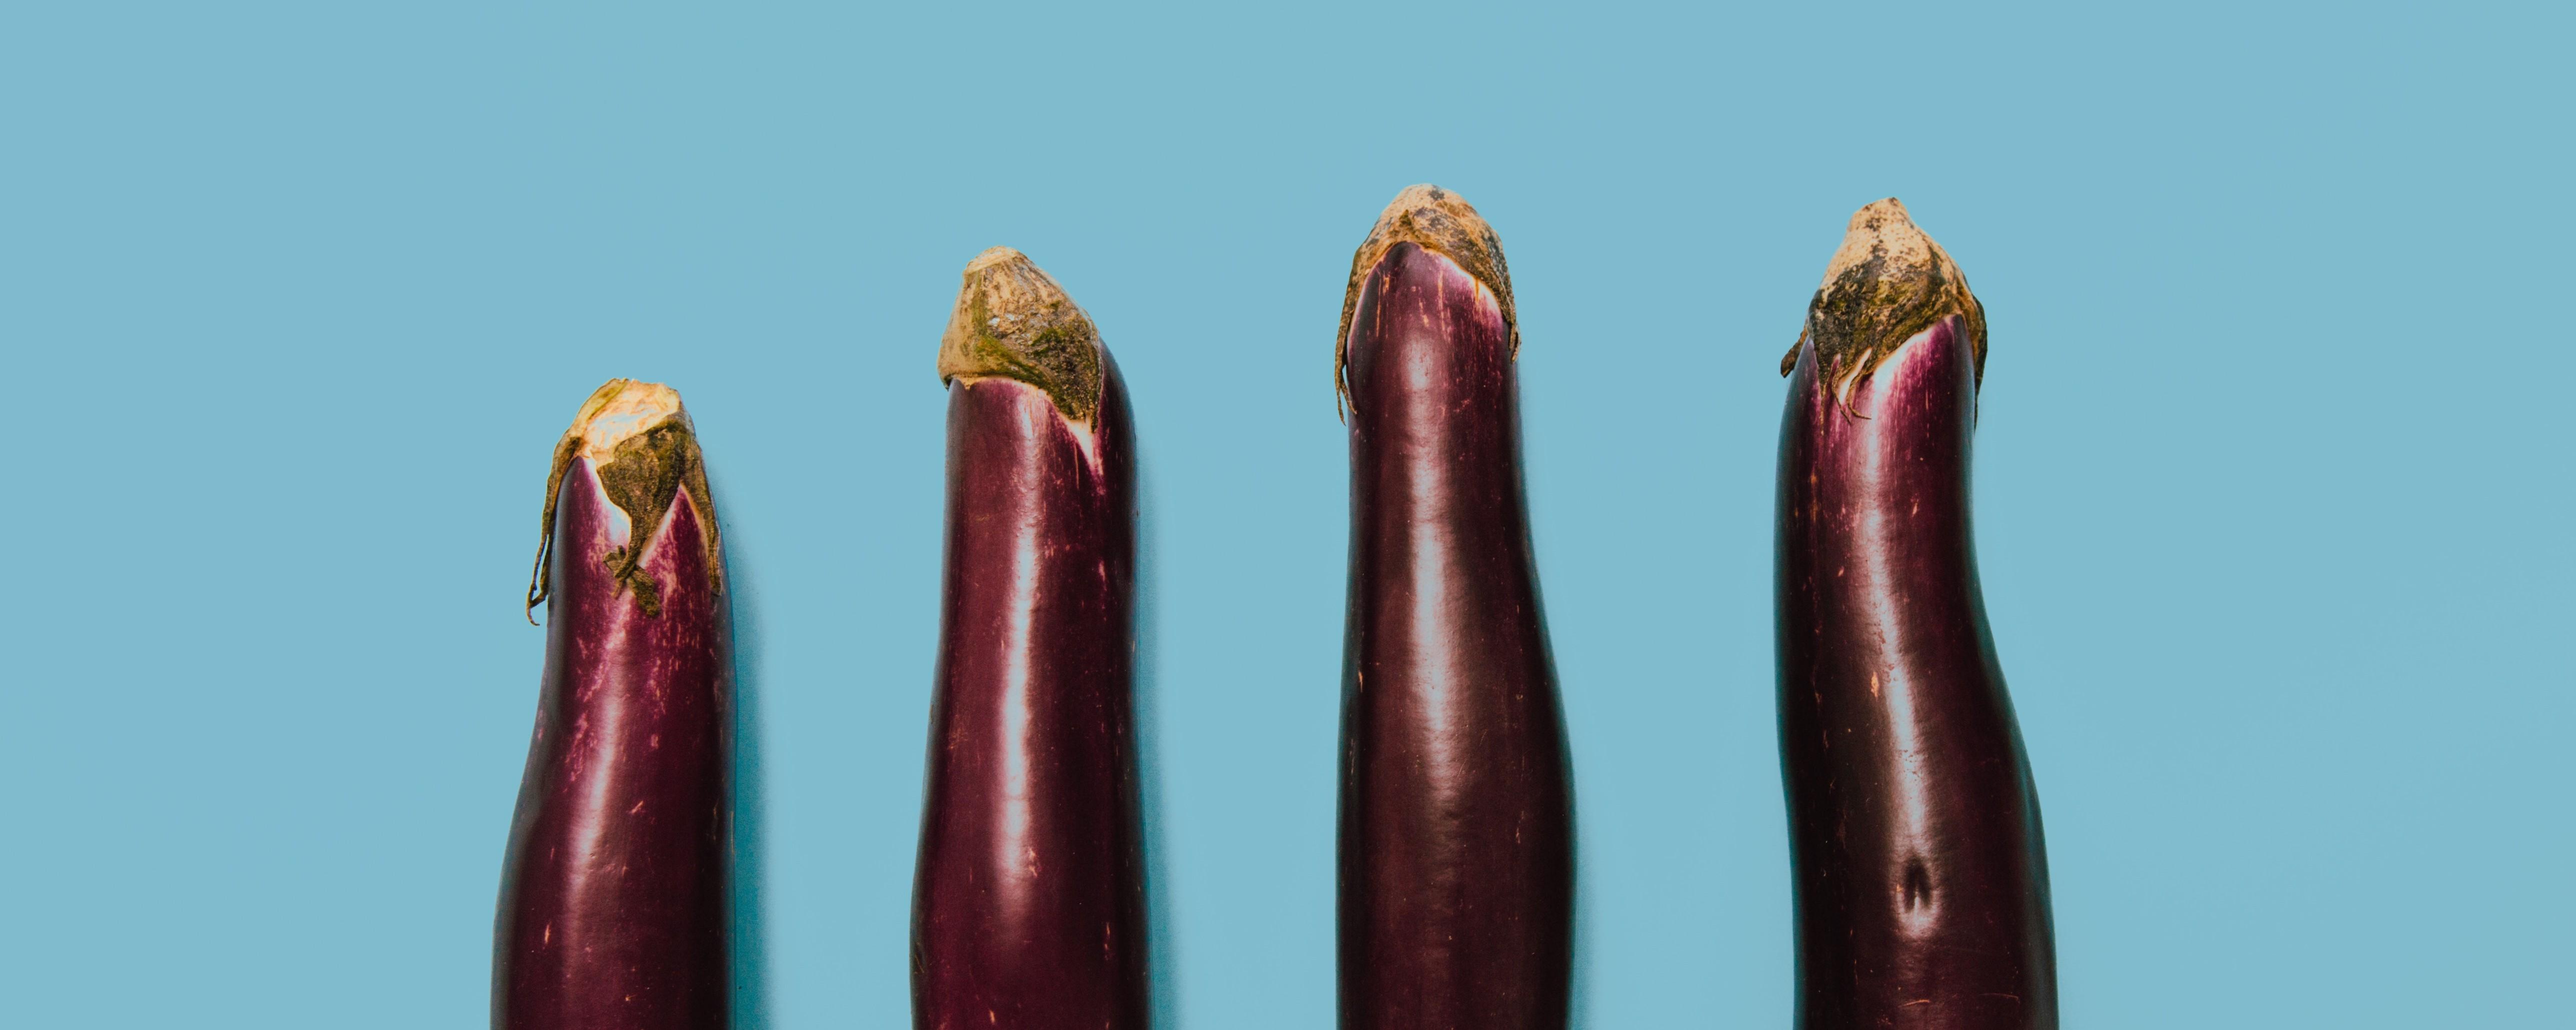 Cum sa obtii un penis mai mare: 3 cele mai eficiente tehnici de crestere a penisului in dimensiuni